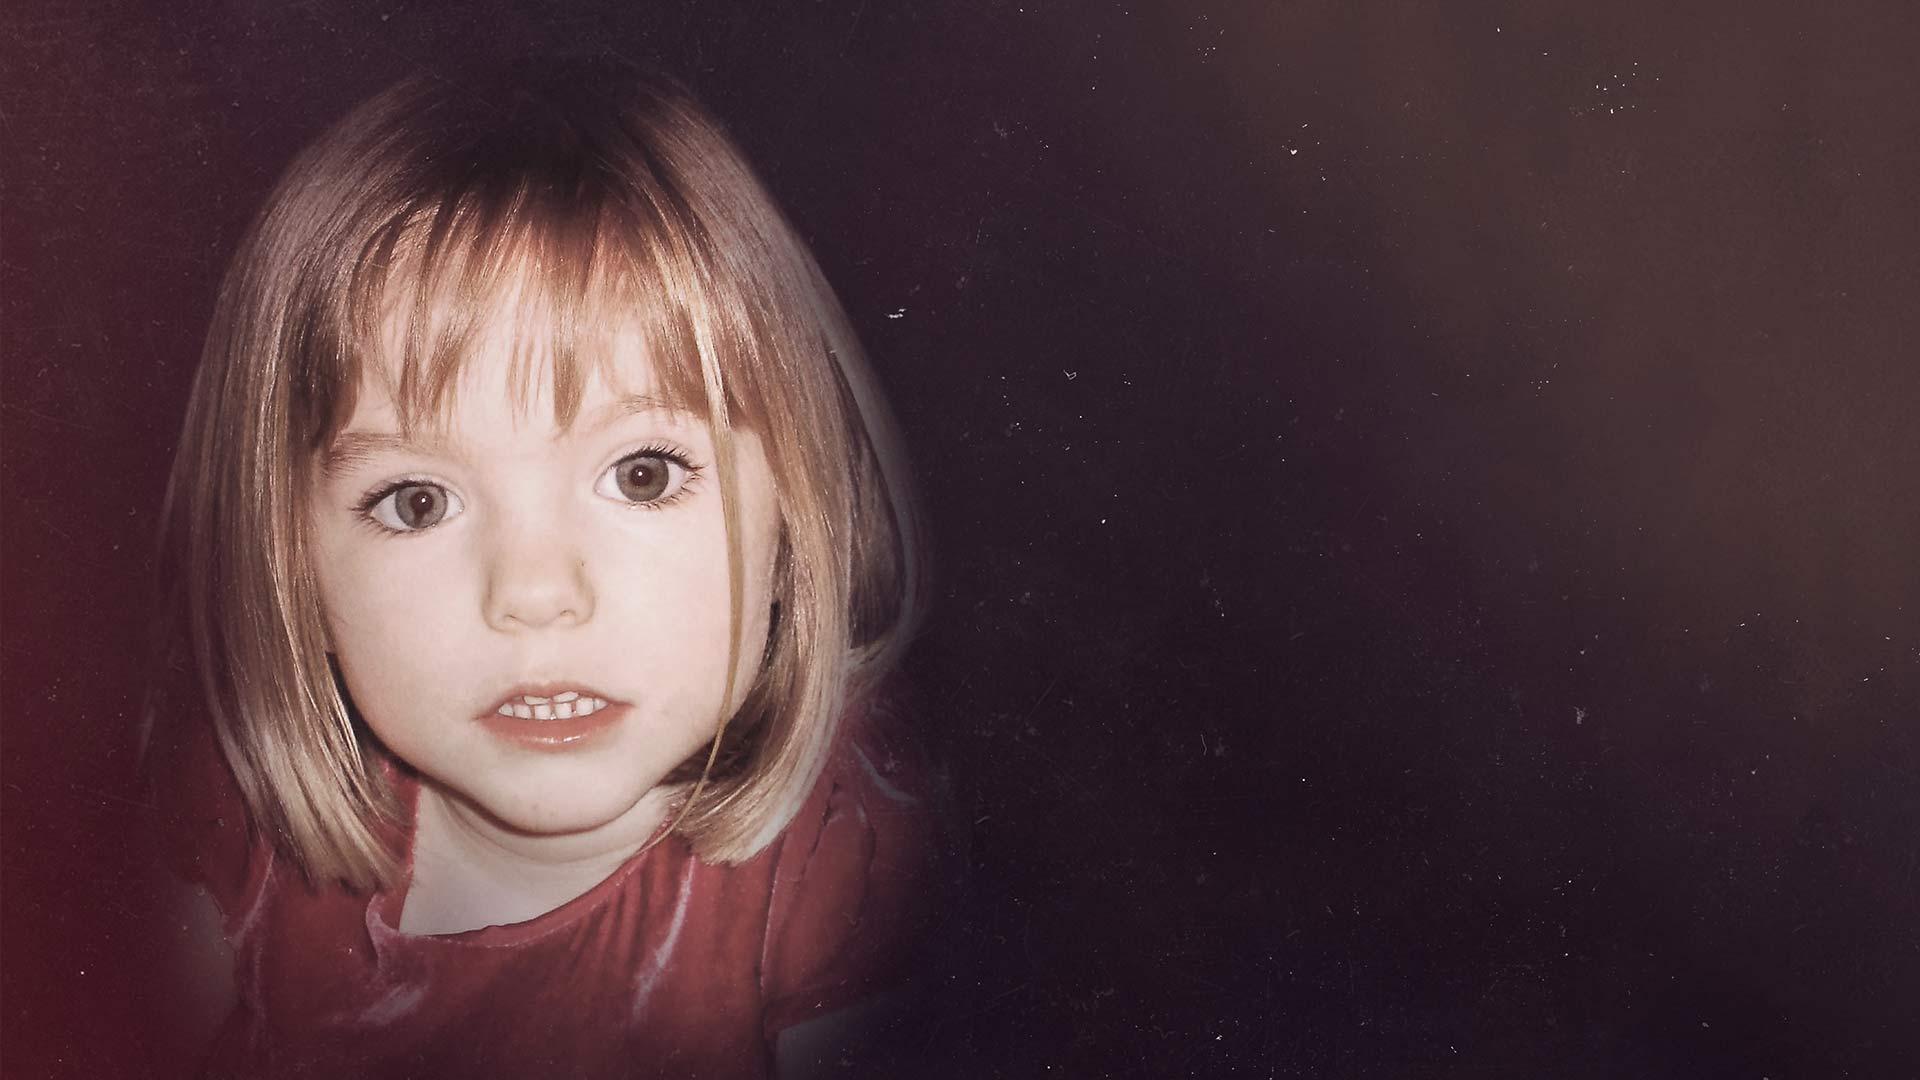 El 3 de mayo de 2007 es una fecha que Kate y Gerry McCann tendrán grabada en su memoria el resto de su vida. Aquella noche, su pequeña hija de 3 años desapareció de la habitación en la que dormía mientras disfrutaban de unas vacaciones en Praia da Luz, Portugal